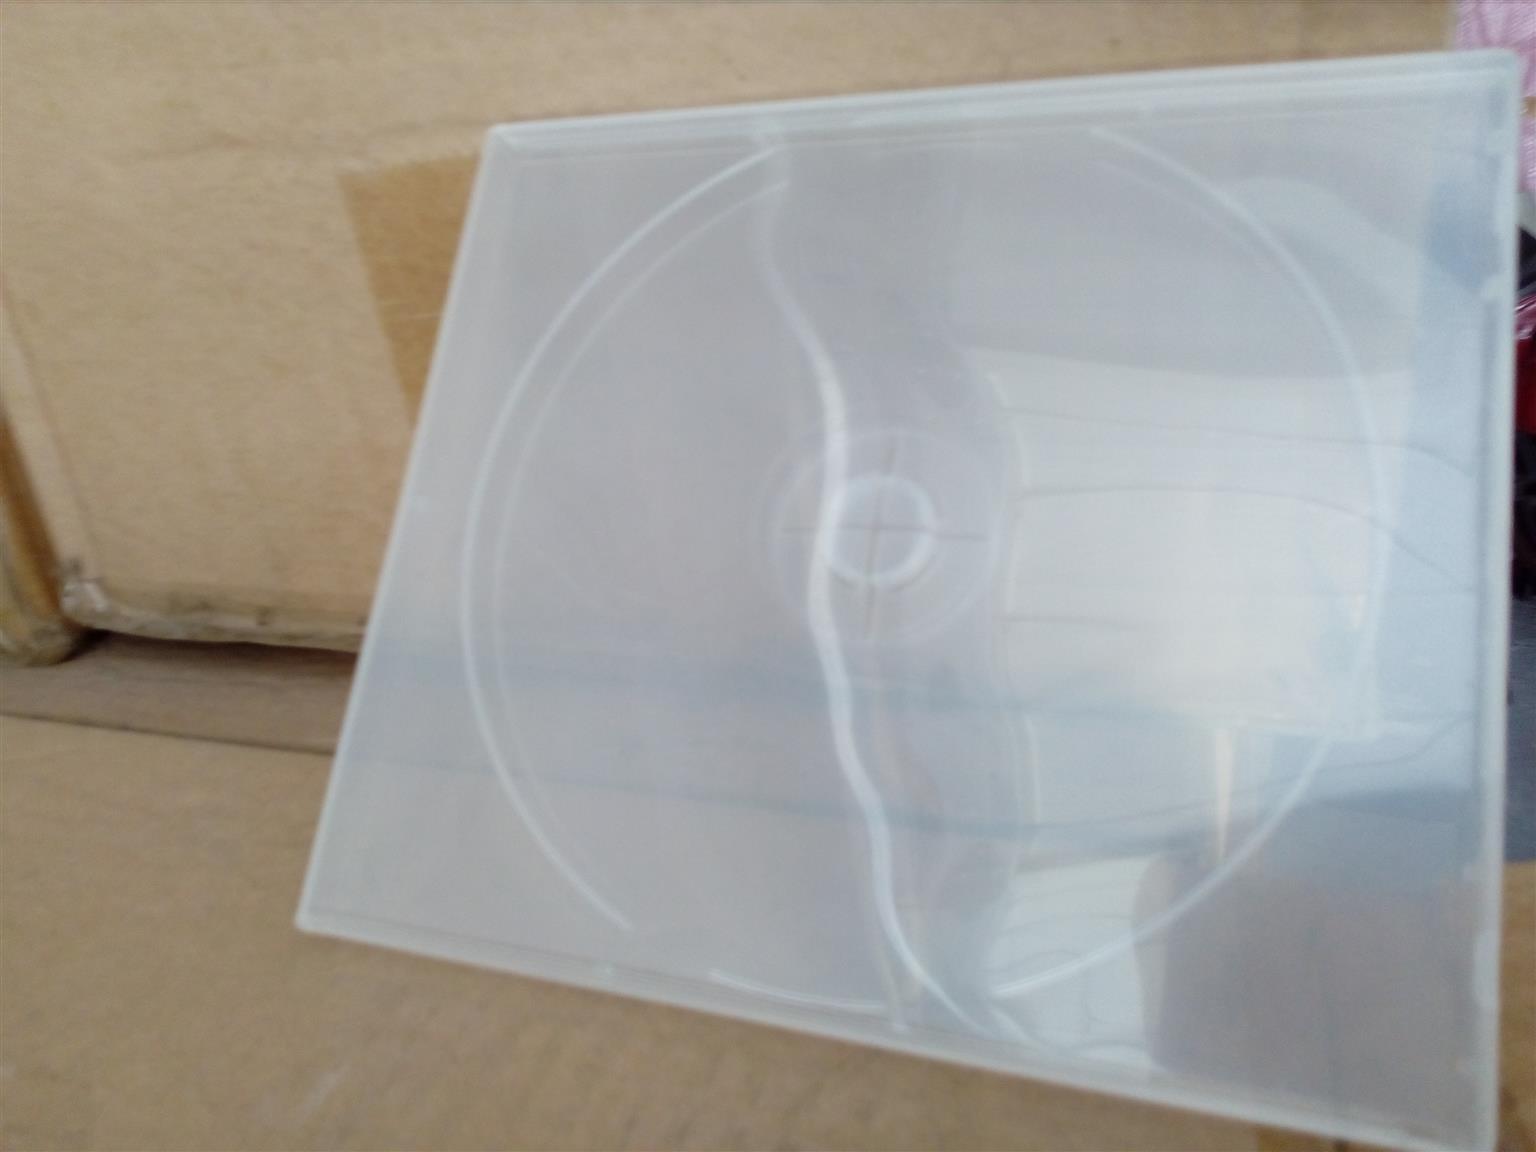 CD / DVD Cases